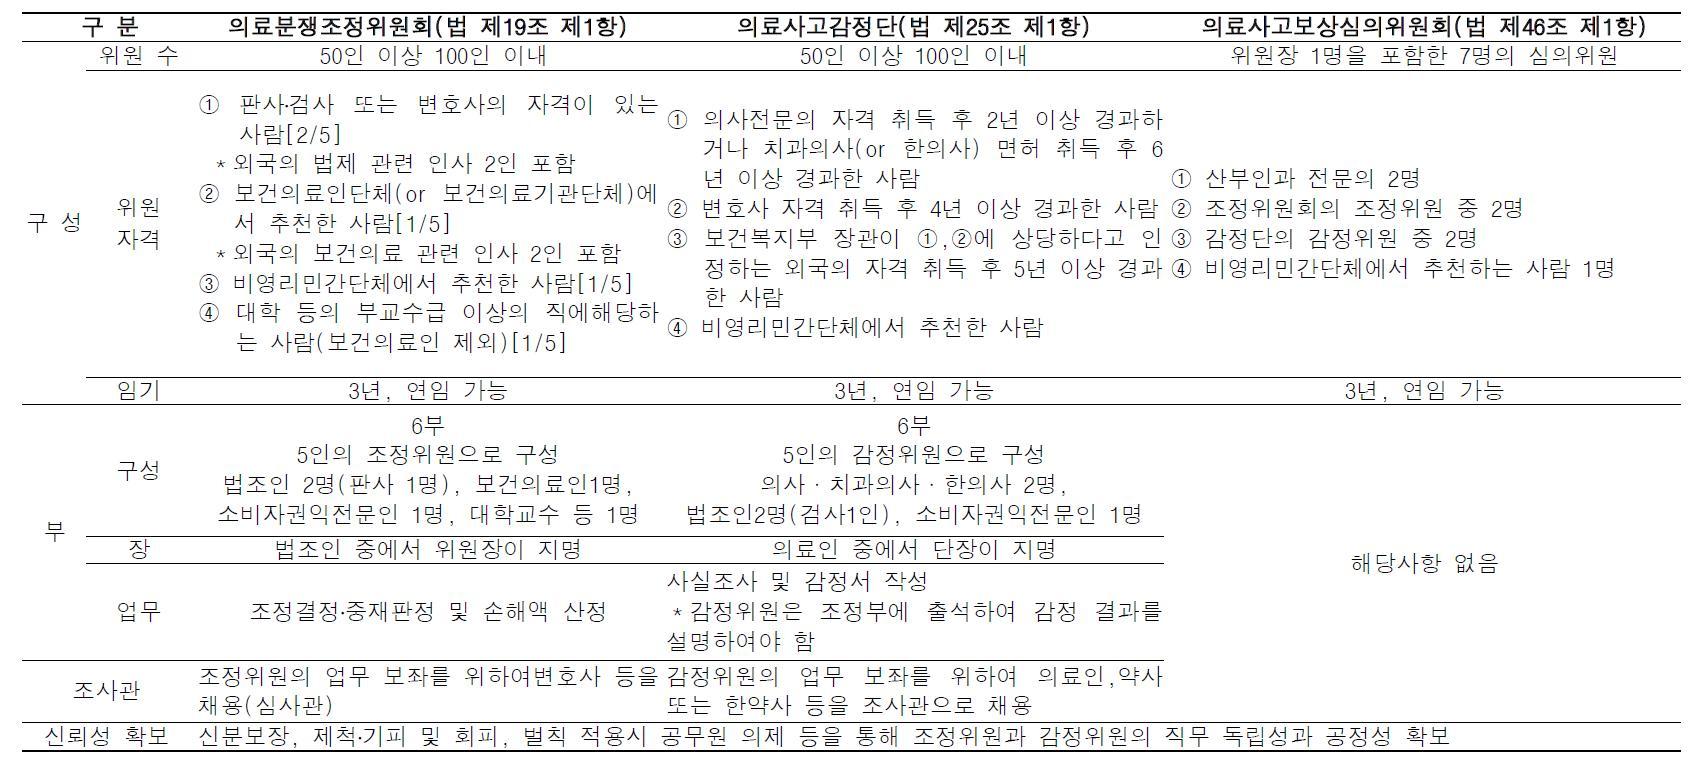 한국의료분쟁조정중재원 조직구성 및 업무 의료분쟁조정위원회와 의료사고감정단의 특성 비교